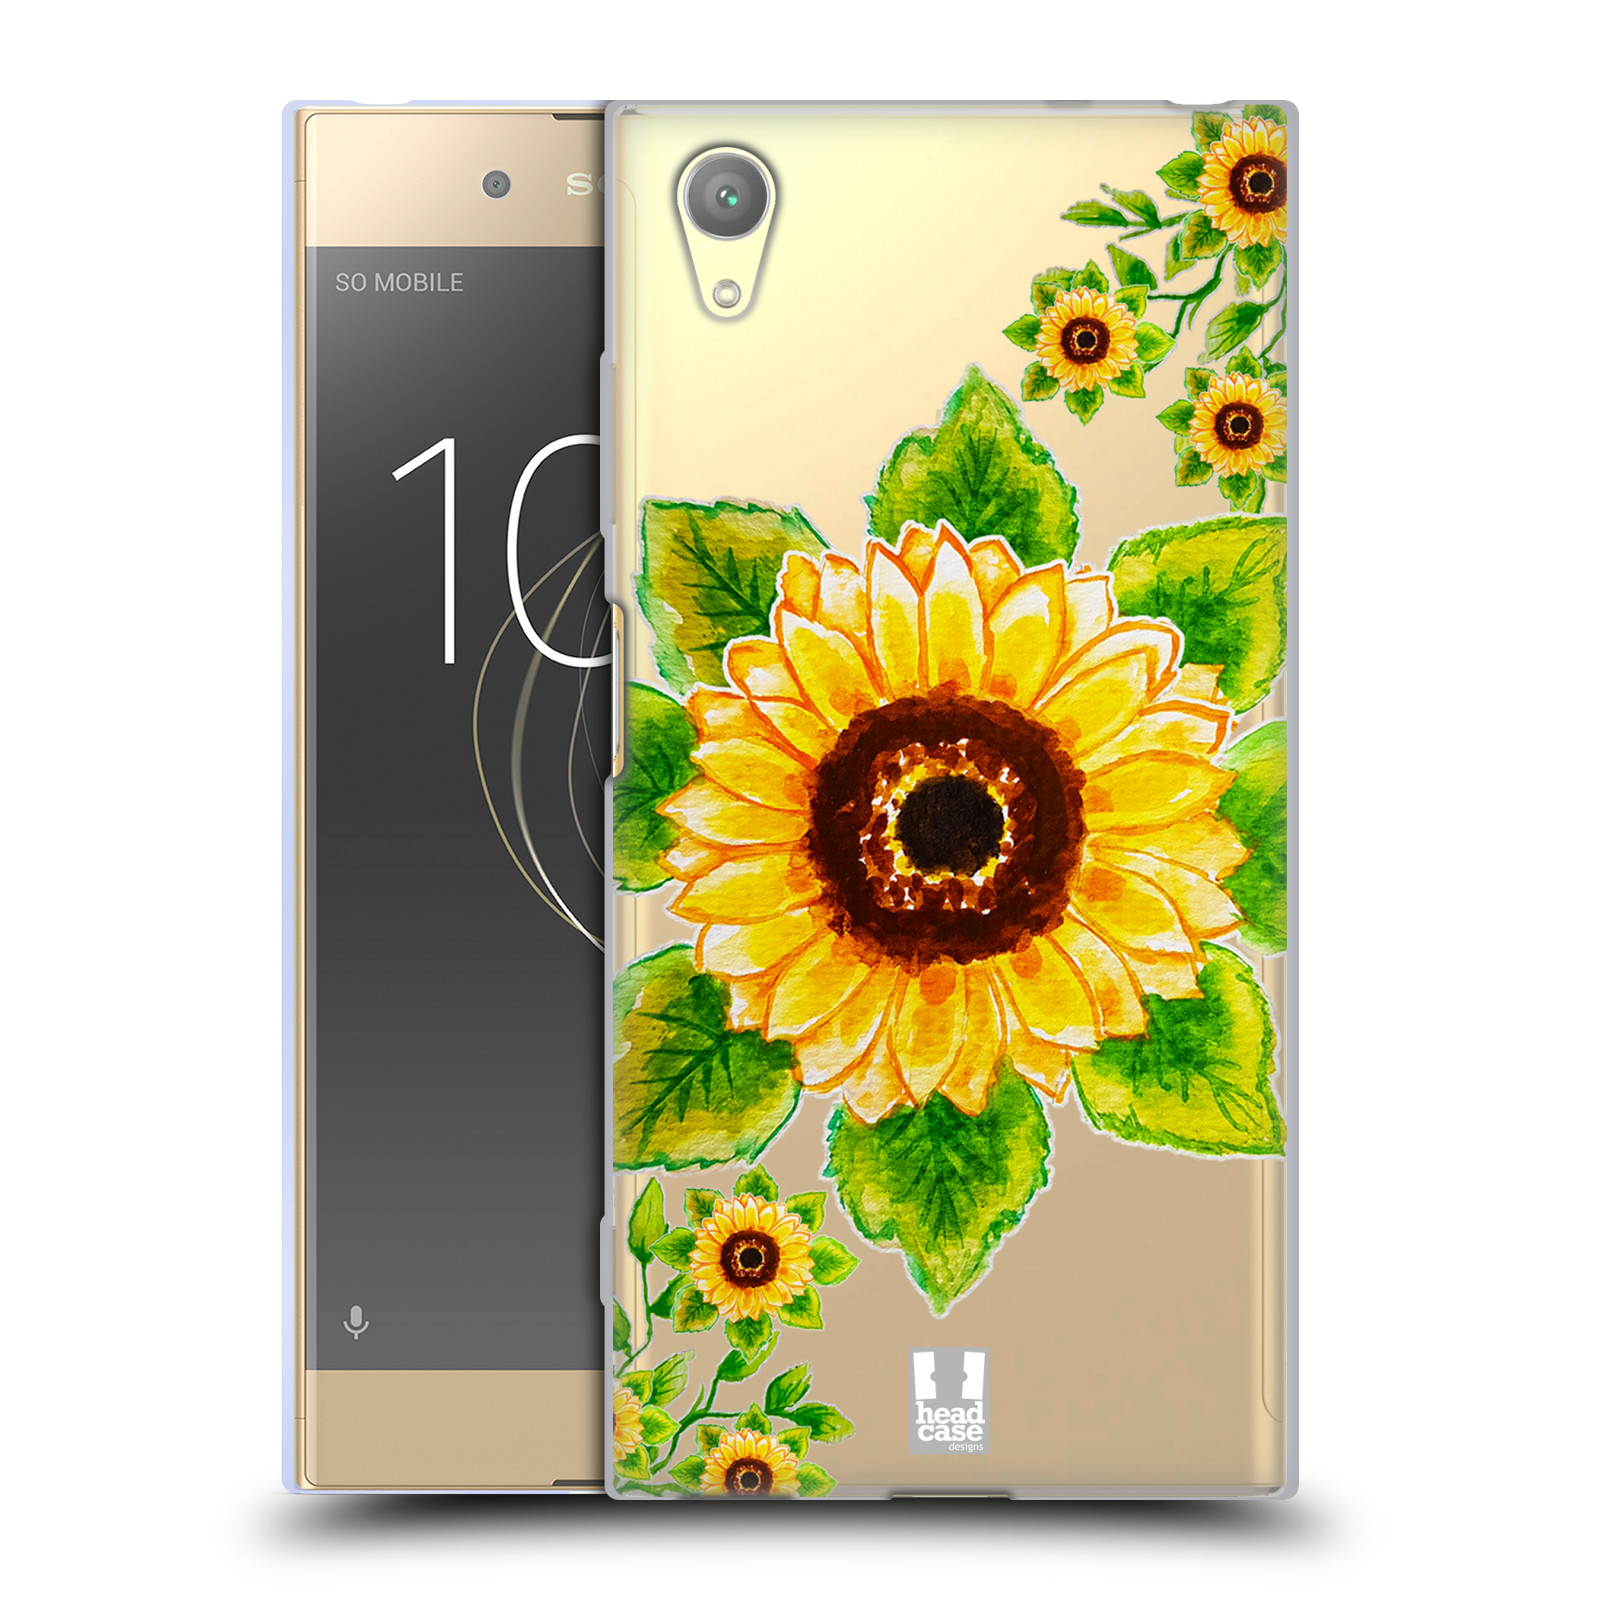 HEAD CASE silikonový obal na mobil Sony Xperia XA1 PLUS Květina Slunečnice vodní barvy